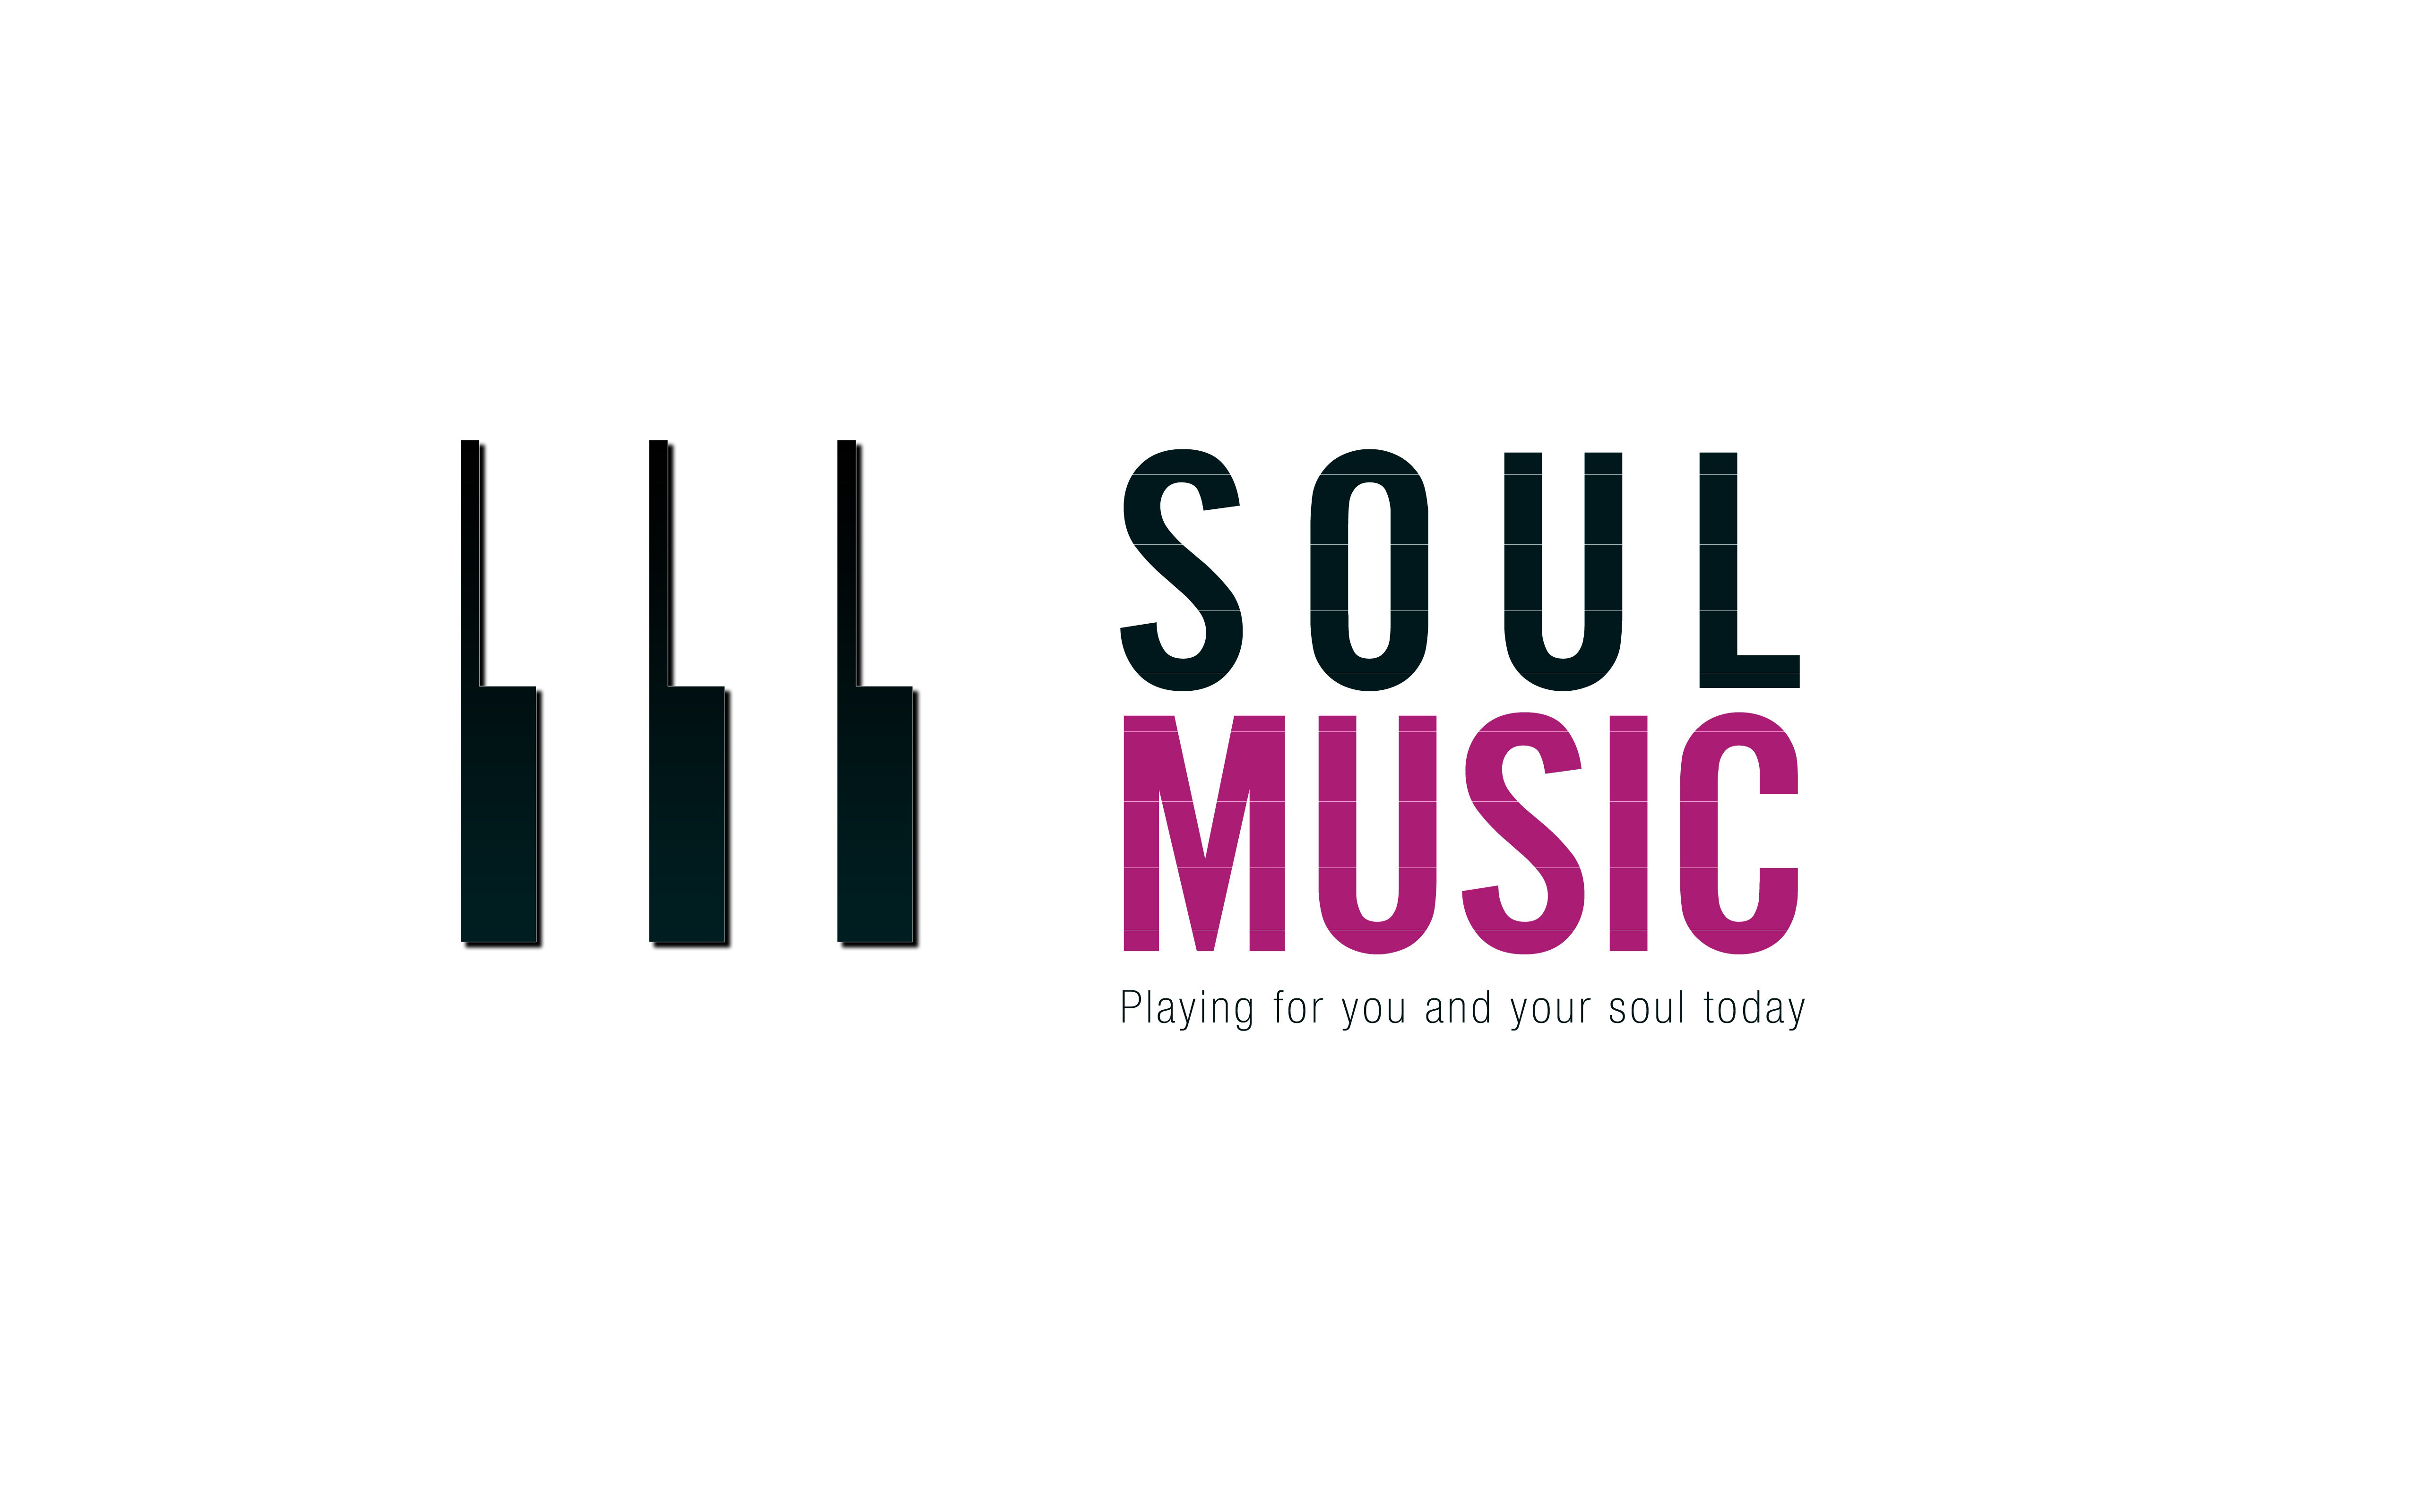 Soul music wallpaper 5120x3200 1455 wallpaperup - 5120x3200 resolution ...